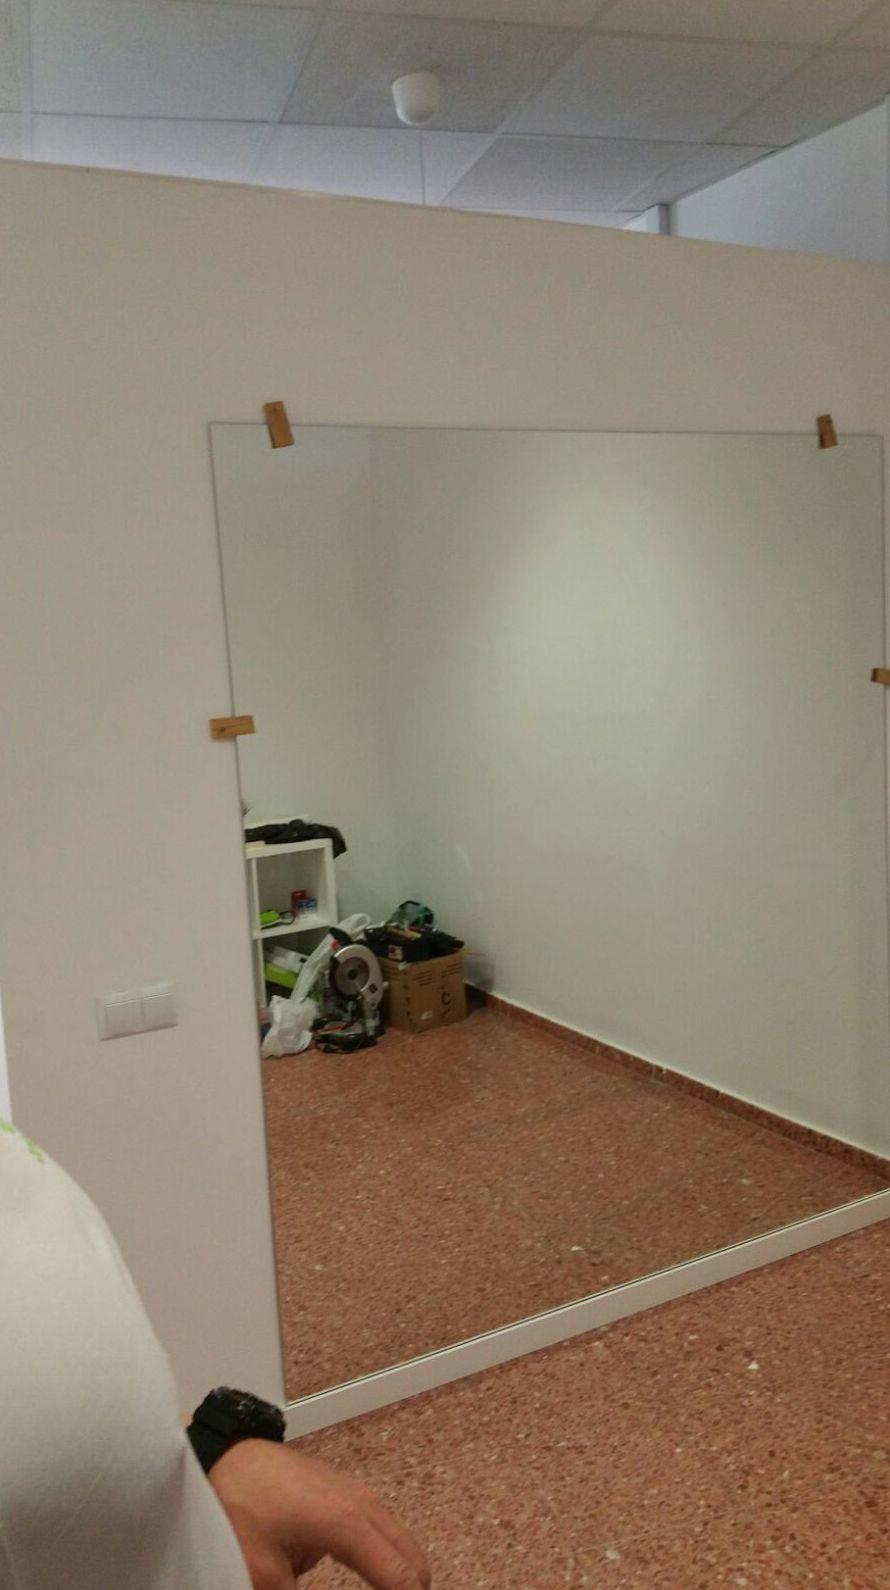 Espejo pegado a pared para gimnasio privado en casa del cliente